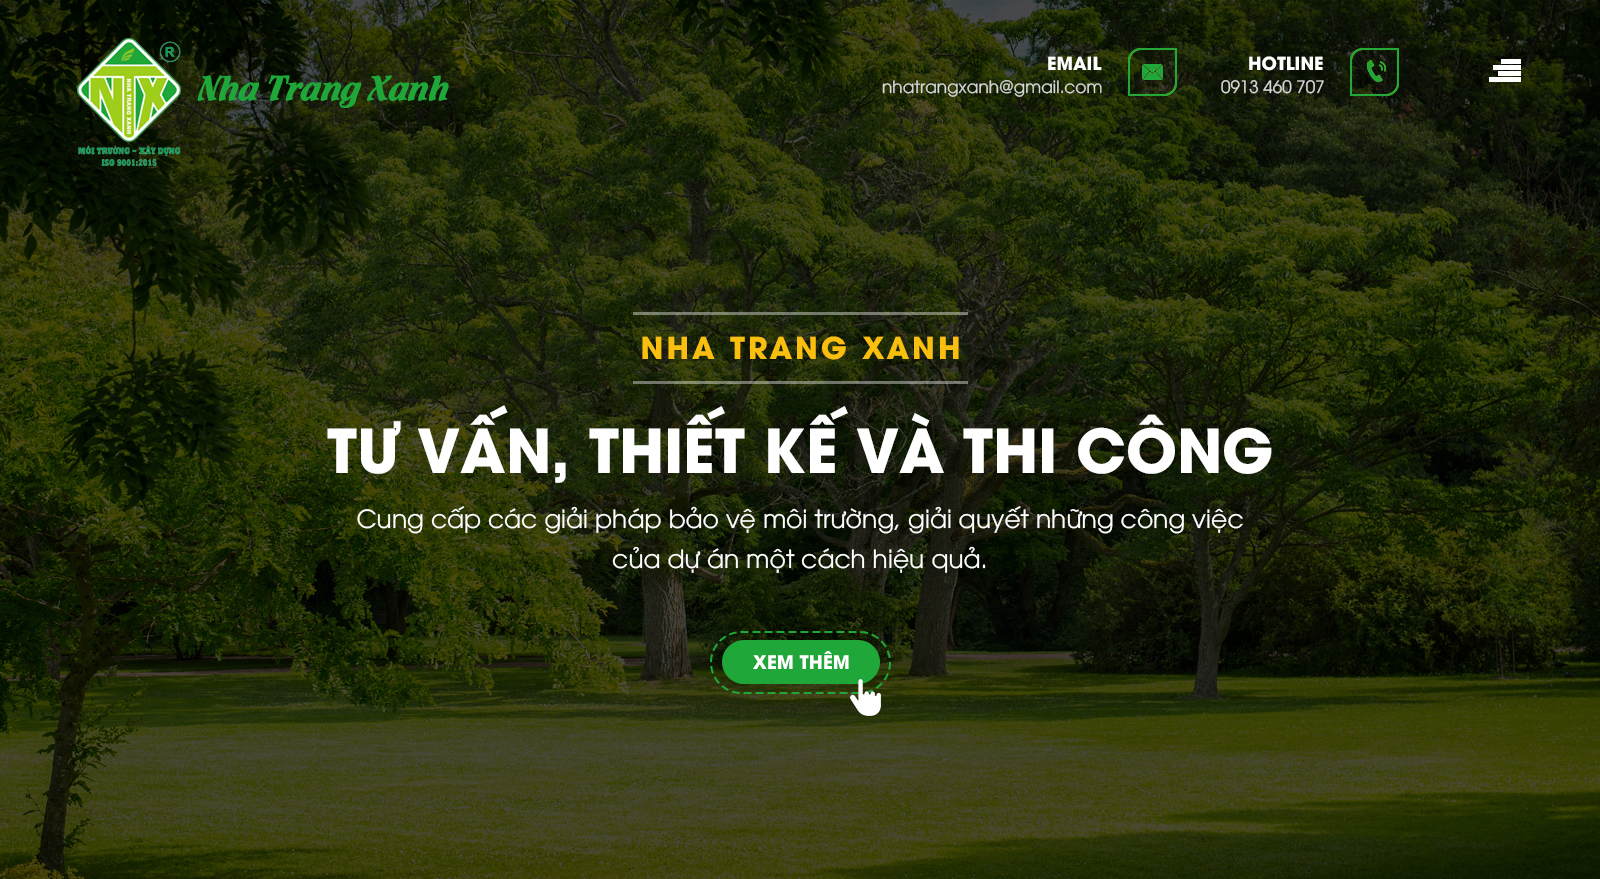 Thiết kế website Nha Trang | PutaDesign | Nha Trang Xanh